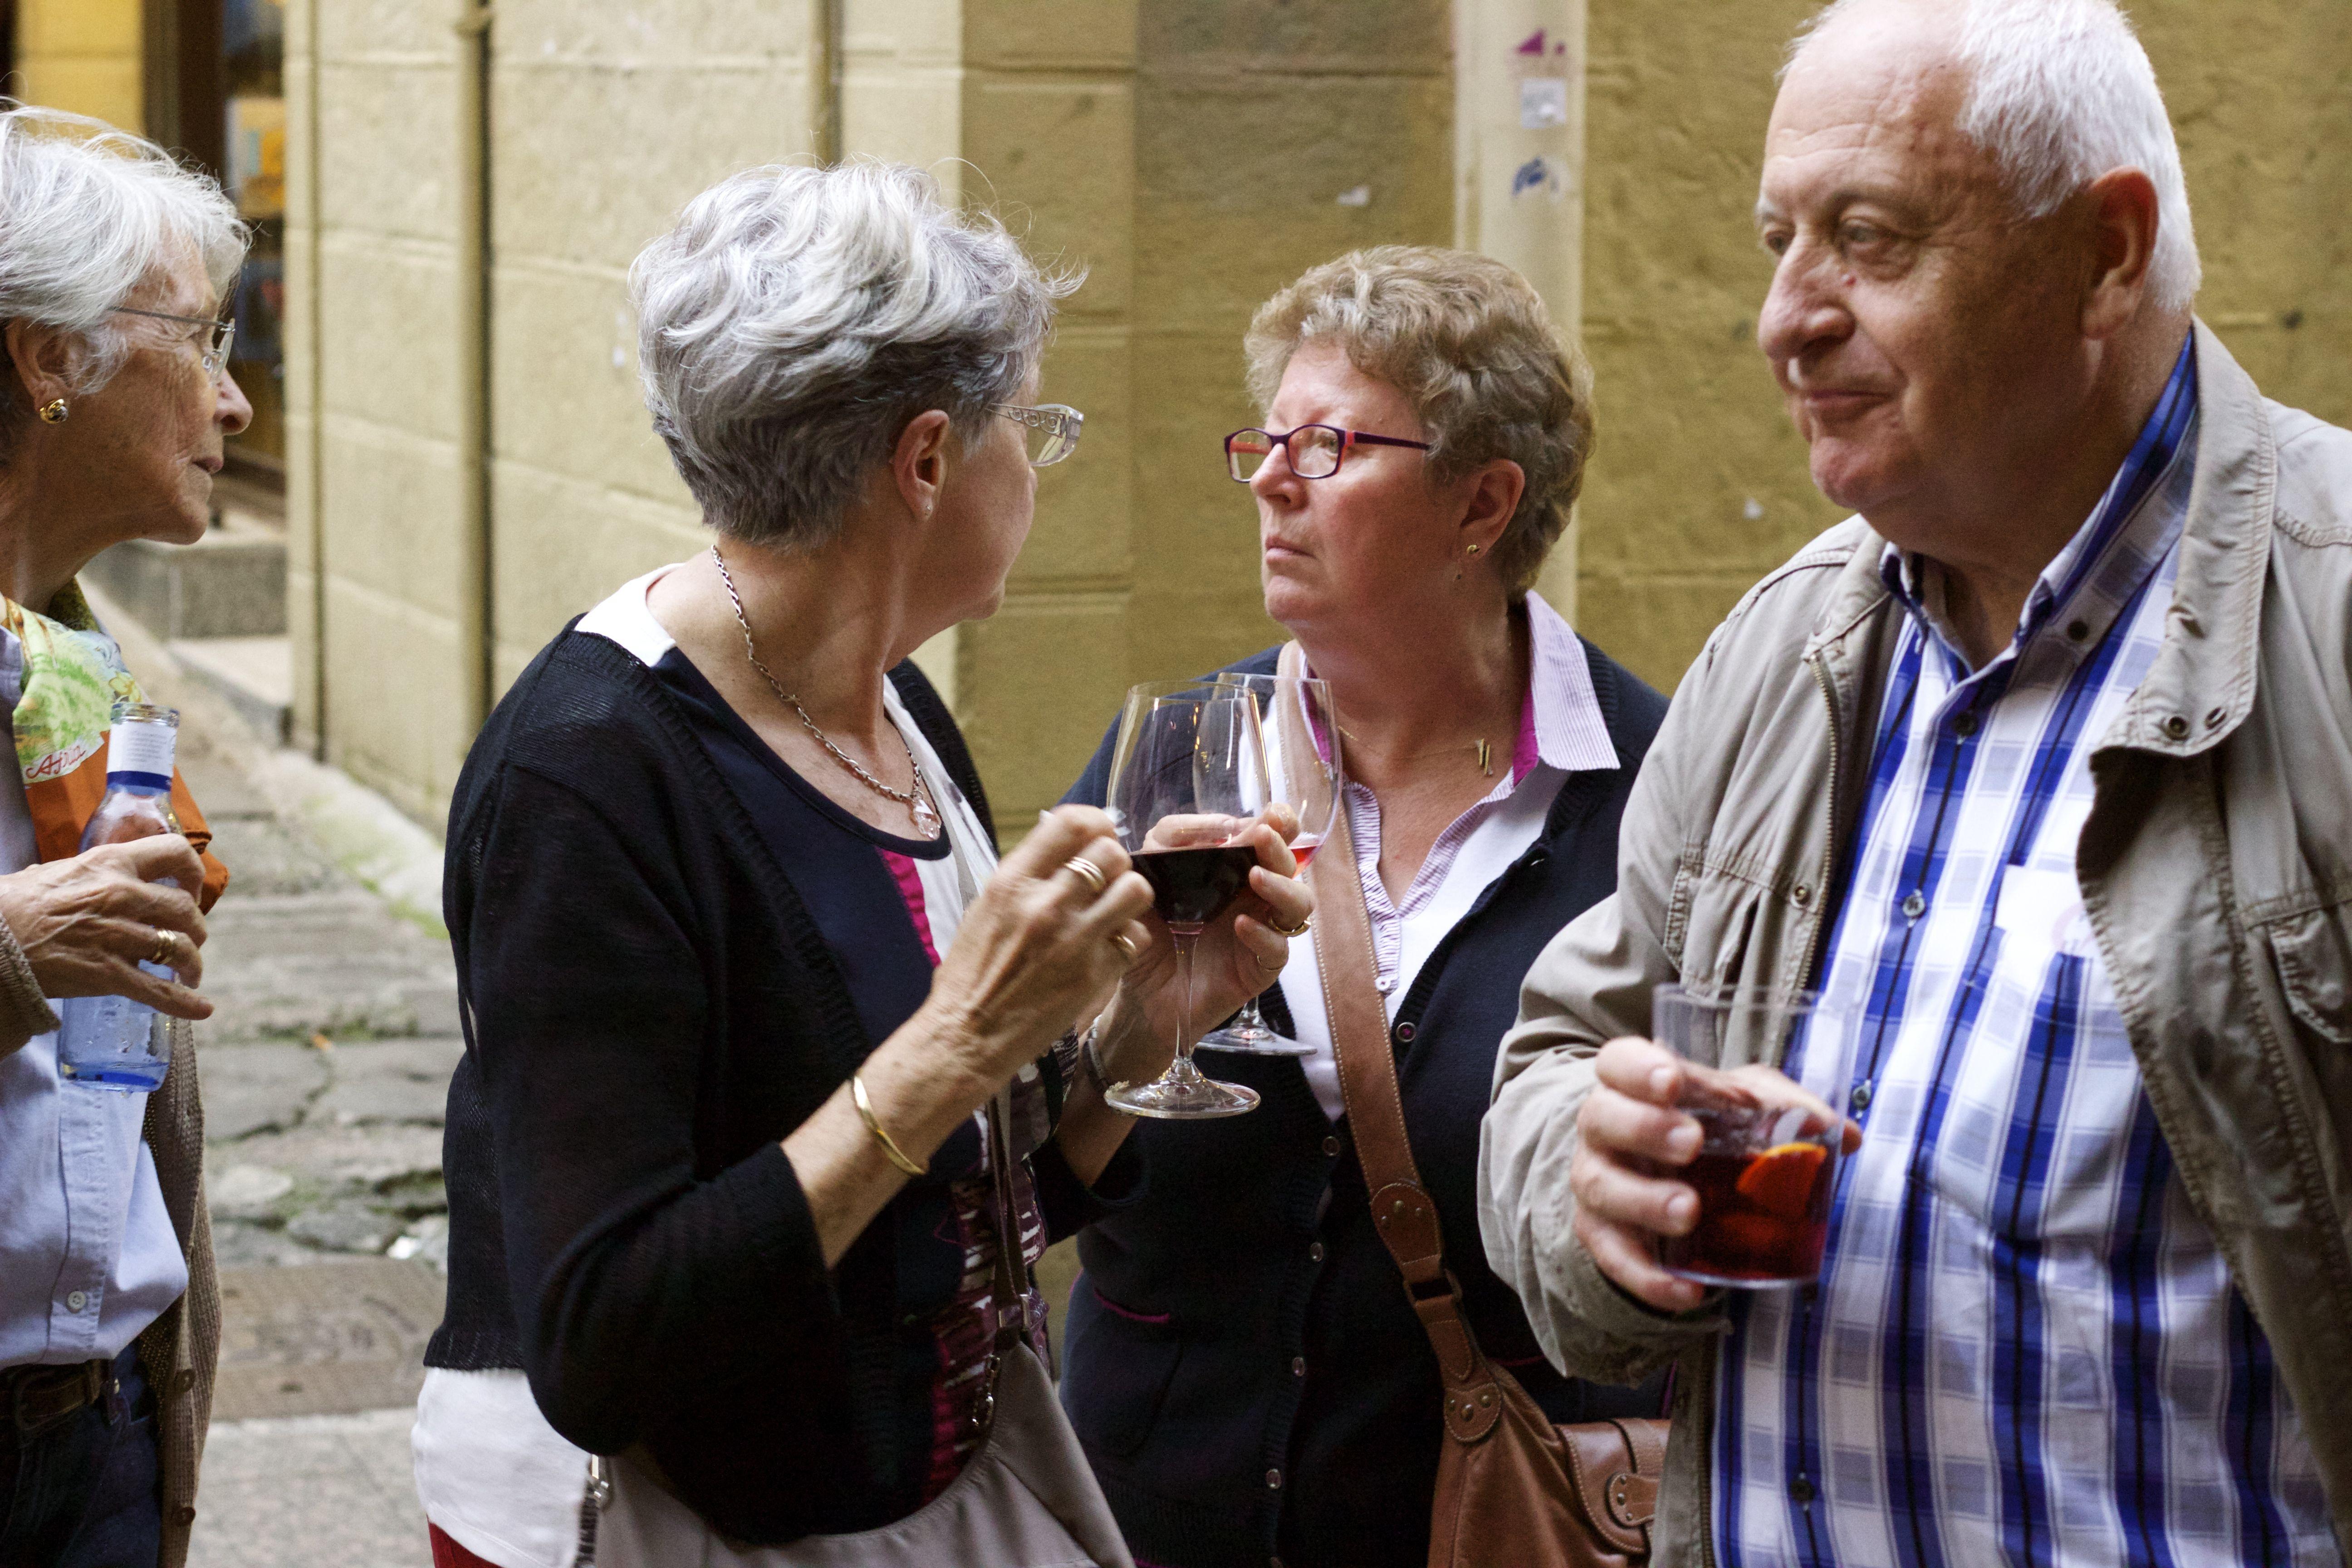 seminaire-tapas-saint-sebastien-pays-basque-le-cercle-piment-espelette